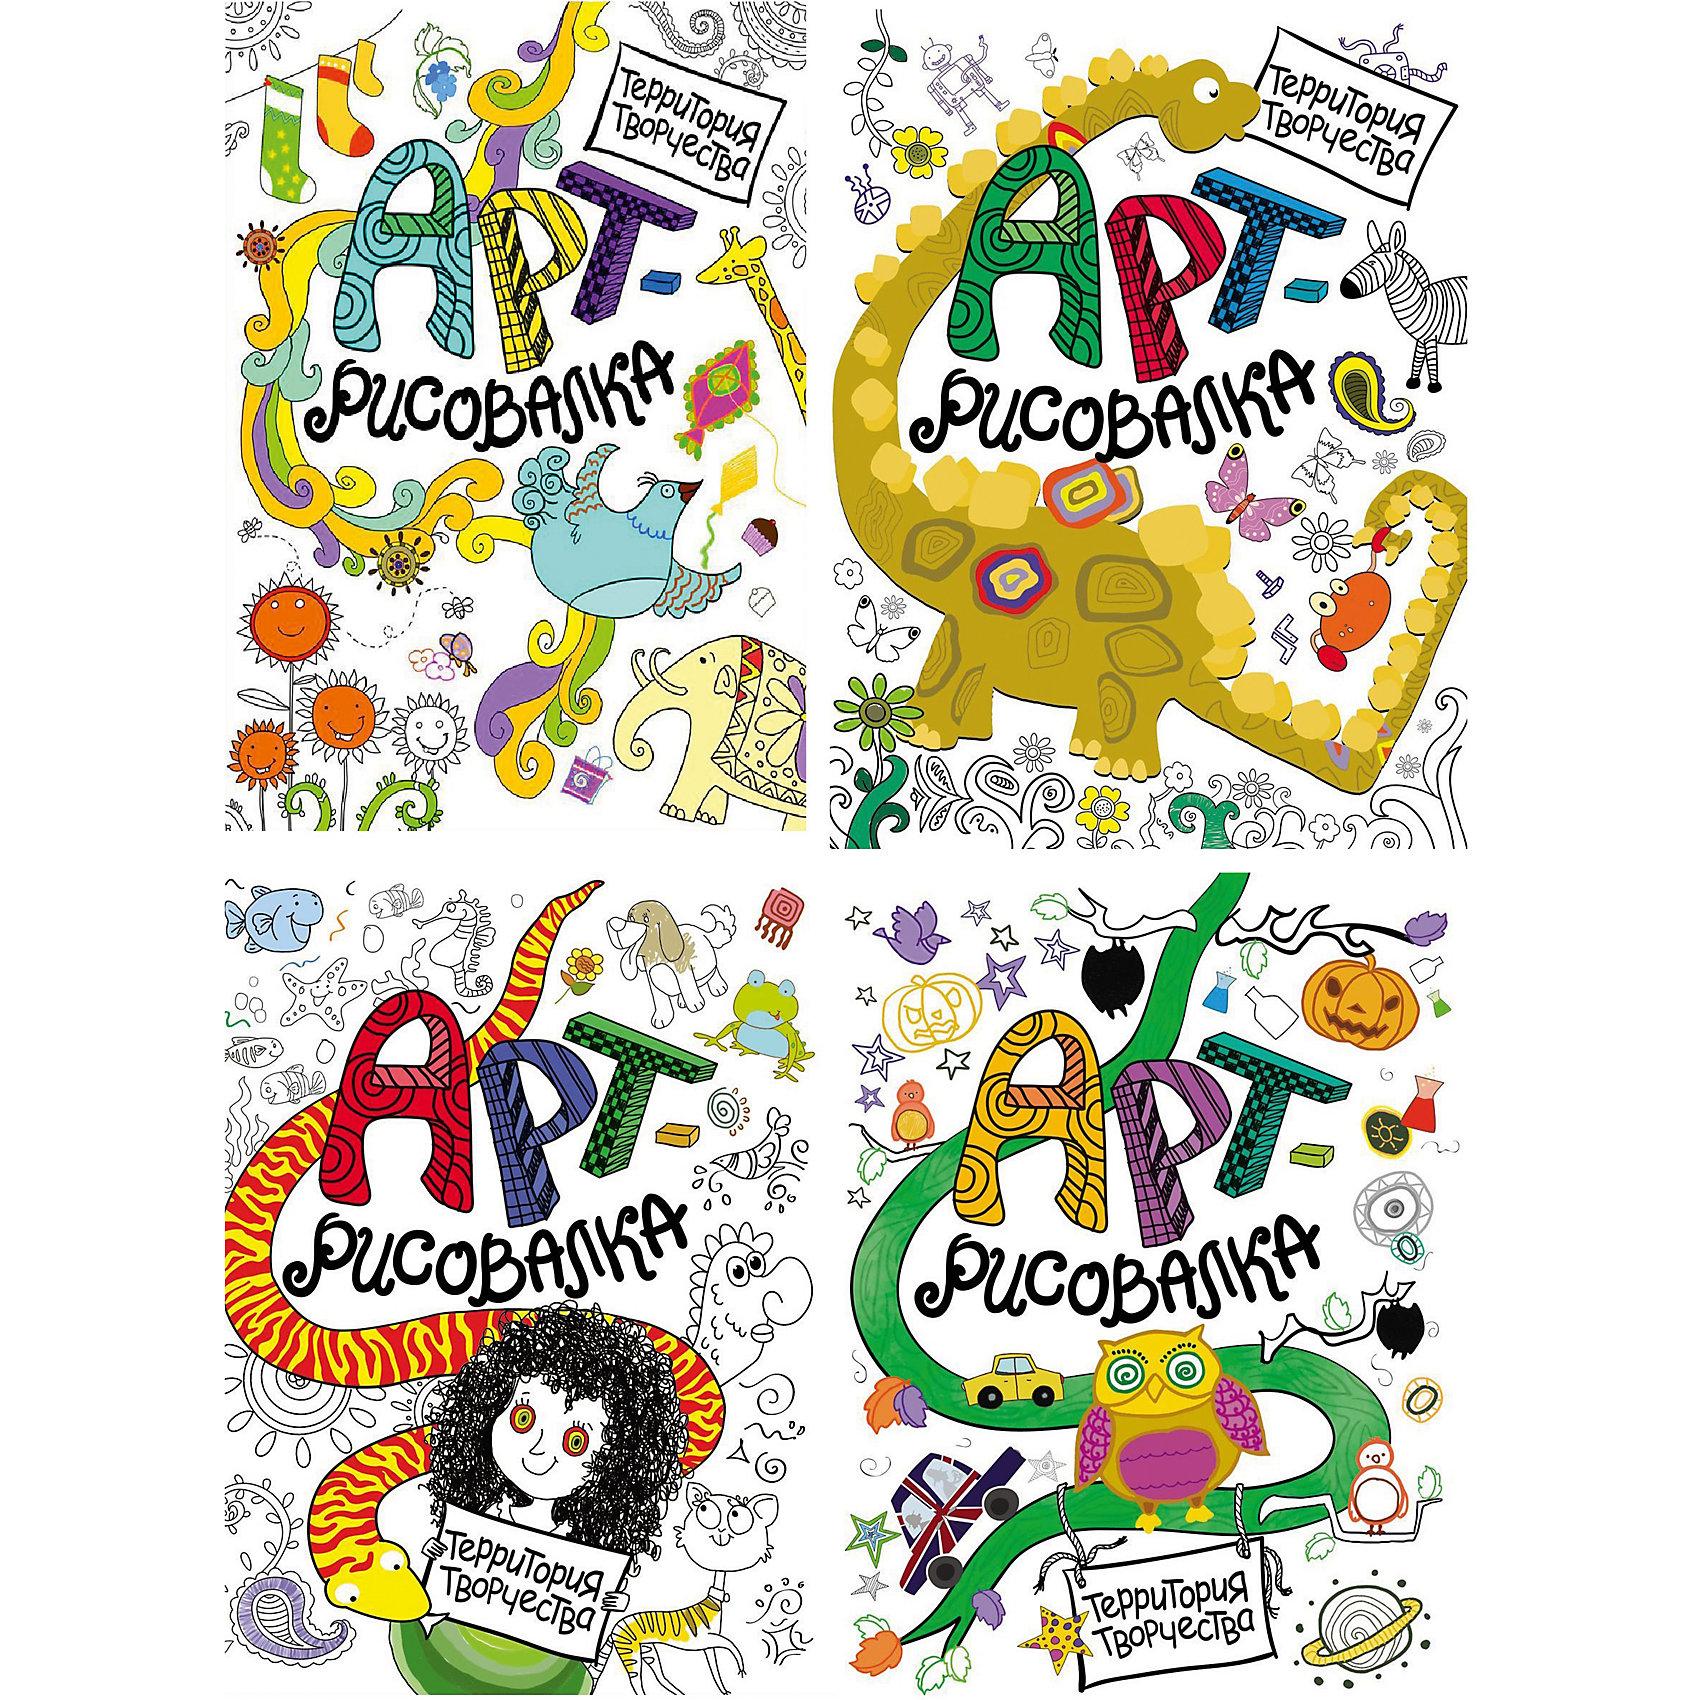 Комплект Арт-рисовалкиРосмэн<br>Необычный и яркий комплект Арт-рисовалки - это отличное начало для большого творчества. Вместе с ней можно дать волю фантазии и творить. Все страницы абсолютно разные. На каждой из них можно найти креативные задания и невероятных героев. Цветные иллюстрации помогают глубже погрузиться в эту волшебную атмосферу. Ребенок будет в восторге от такого приключения, и вряд ли сможет оторваться от рисования.  <br><br>В комплект Арт-рисовалки входят:<br> <br>1. Арт-рисовалка. Птица счастья <br>2. Арт-рисовалка. Дино <br>3. Арт-рисовалка. Кудря <br>4. Арт-рисовалка. Сова<br><br> Дополнительная информация:<br><br>- возраст: любой возраст<br>- пол: для мальчиков и девочек<br>- материал: бумага.<br>- количество страниц: 16.<br>- иллюстрации: цветные.<br>- тип обложки: мягкий.<br>- размеры: 27.5 * 21.2 см.<br>- бренд: Росмэн<br>- страна бренда: Россия<br>- страна производитель: Россия<br><br>Комплект Арт-рисовалки можно купить в нашем интернет-магазине<br><br>Ширина мм: 275<br>Глубина мм: 210<br>Высота мм: 7<br>Вес г: 290<br>Возраст от месяцев: 24<br>Возраст до месяцев: 72<br>Пол: Унисекс<br>Возраст: Детский<br>SKU: 4993497